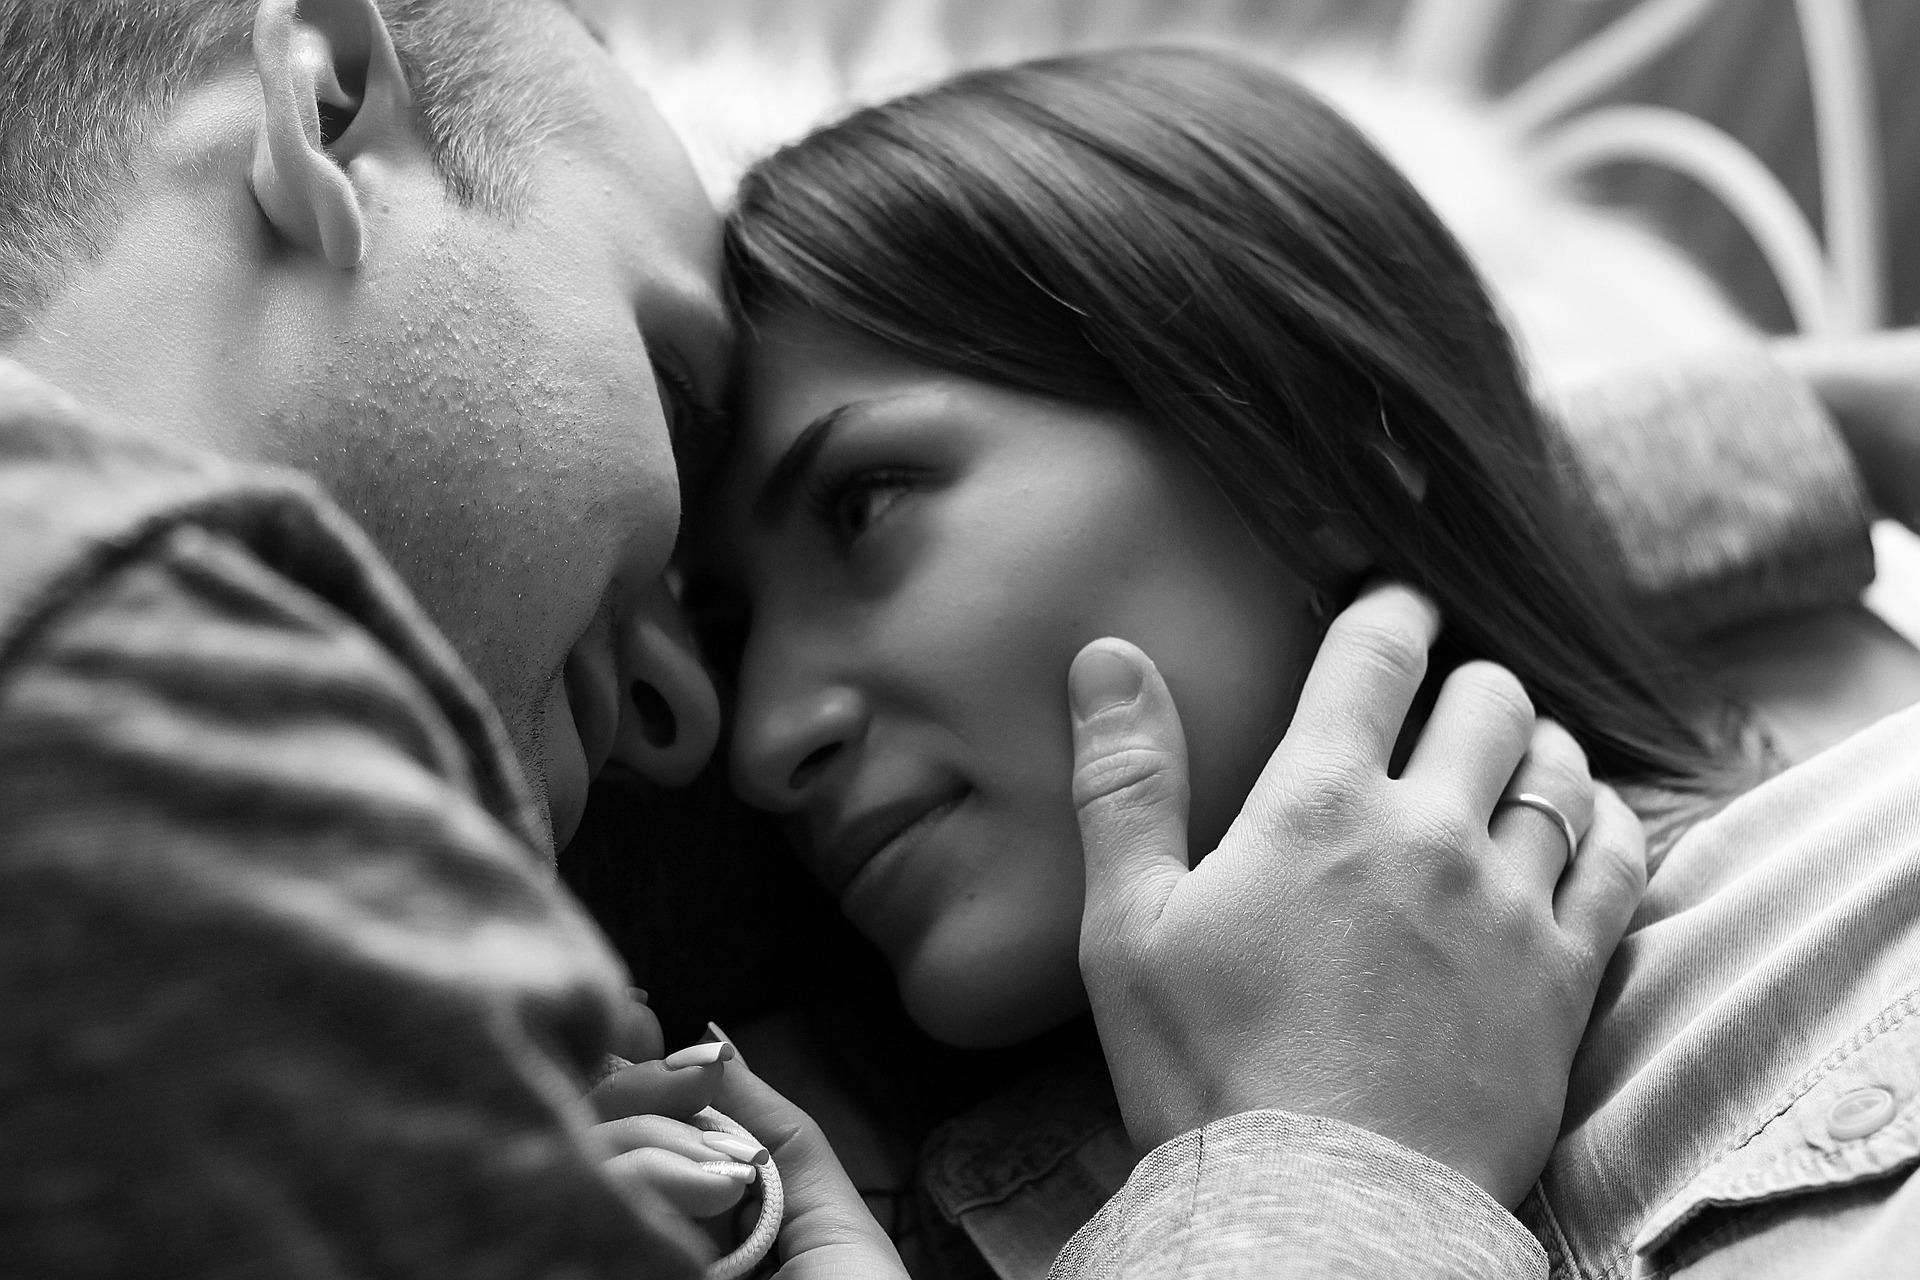 不倫が辛い時に女性がやってはいけないことと不倫で後悔しない方法と修羅場を避ける手段